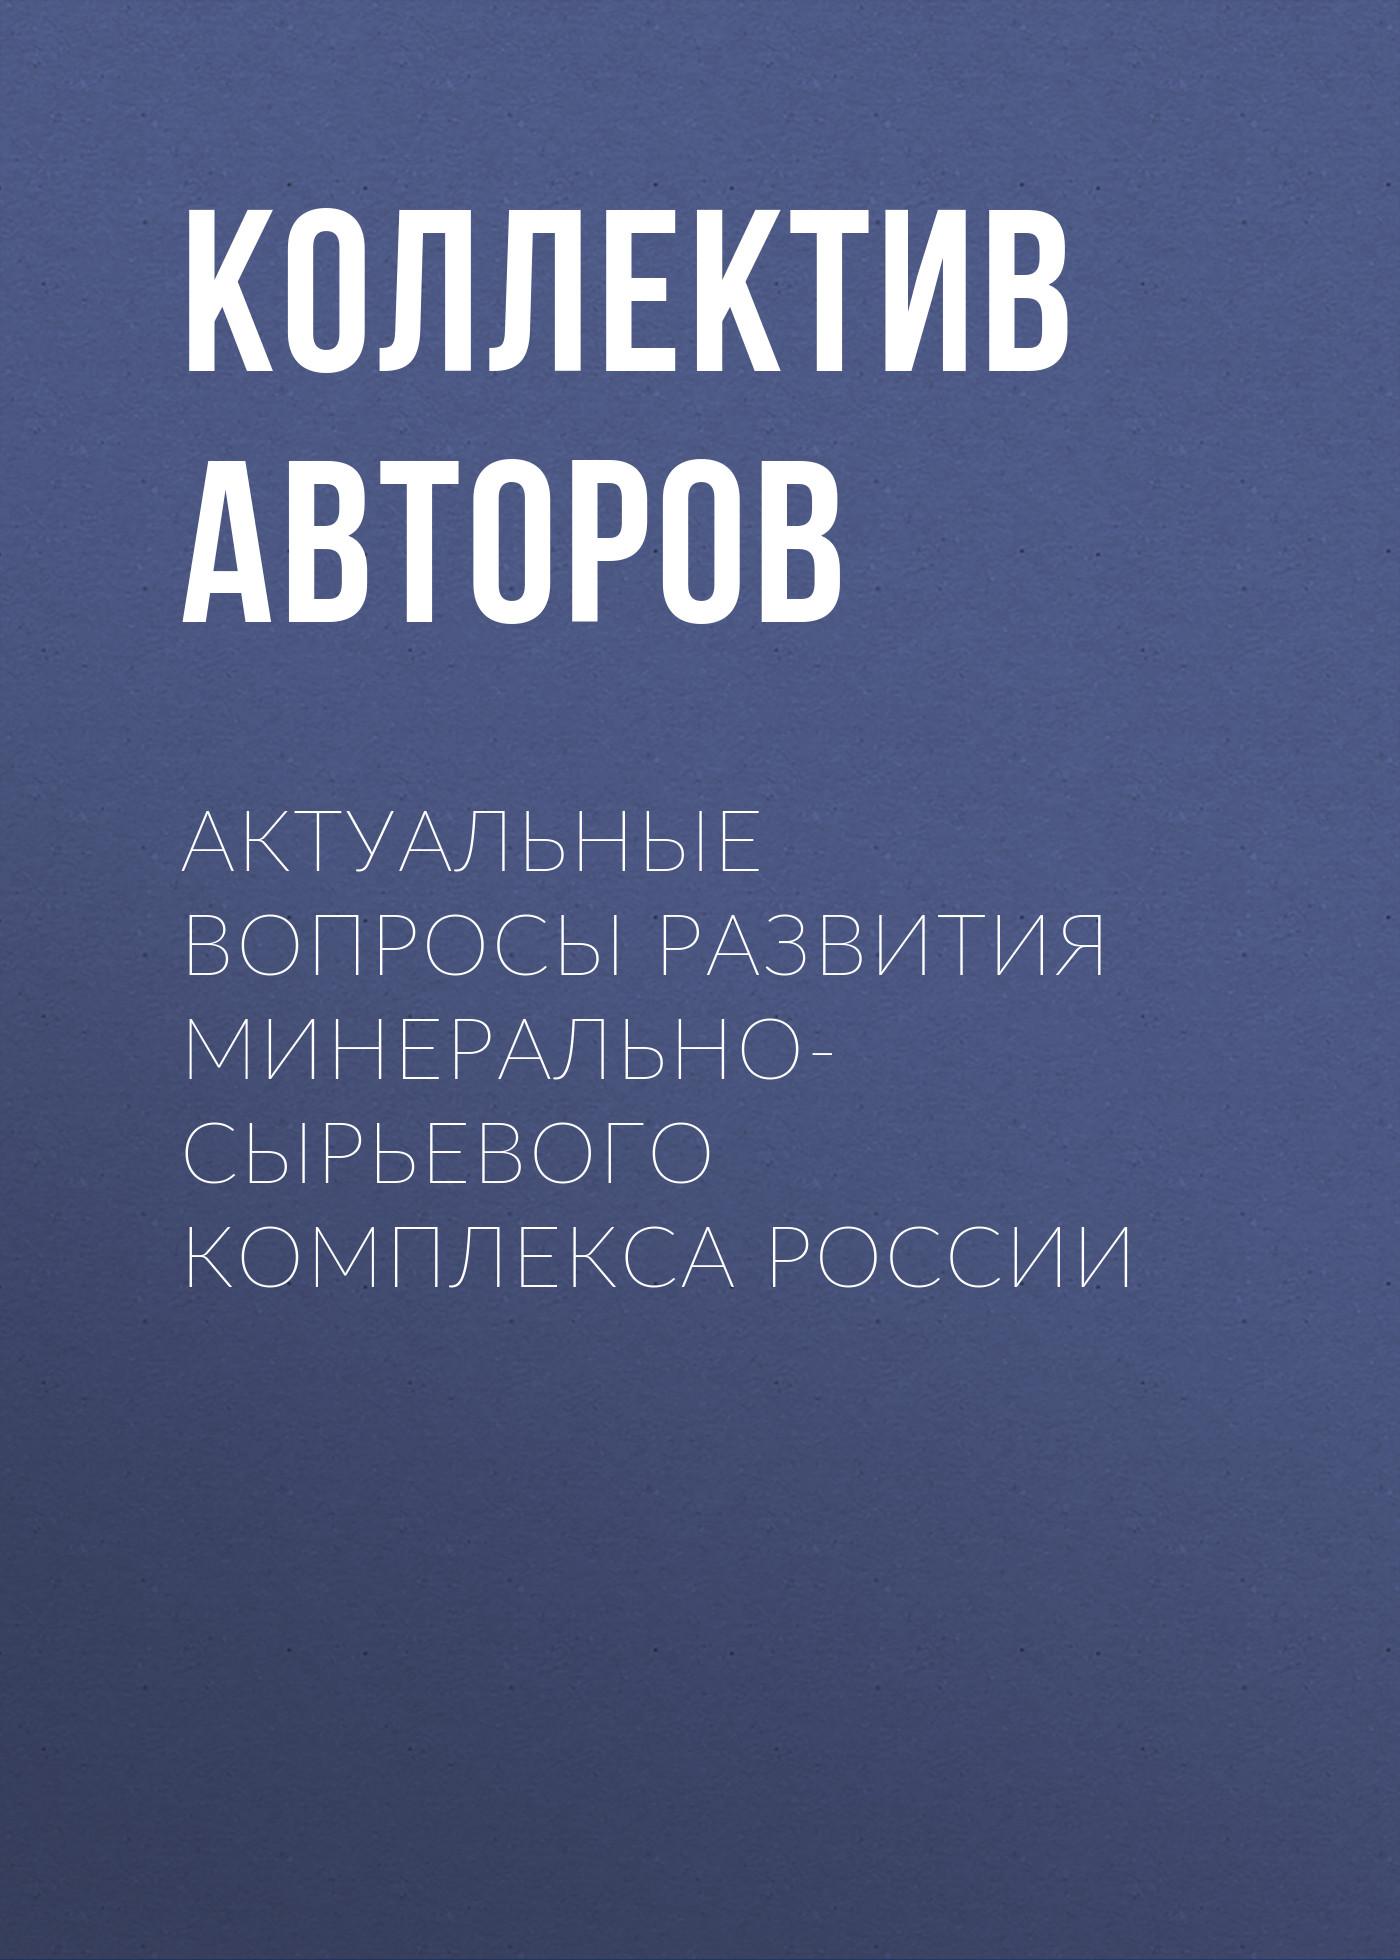 Коллектив авторов Актуальные вопросы развития минерально-сырьевого комплекса России